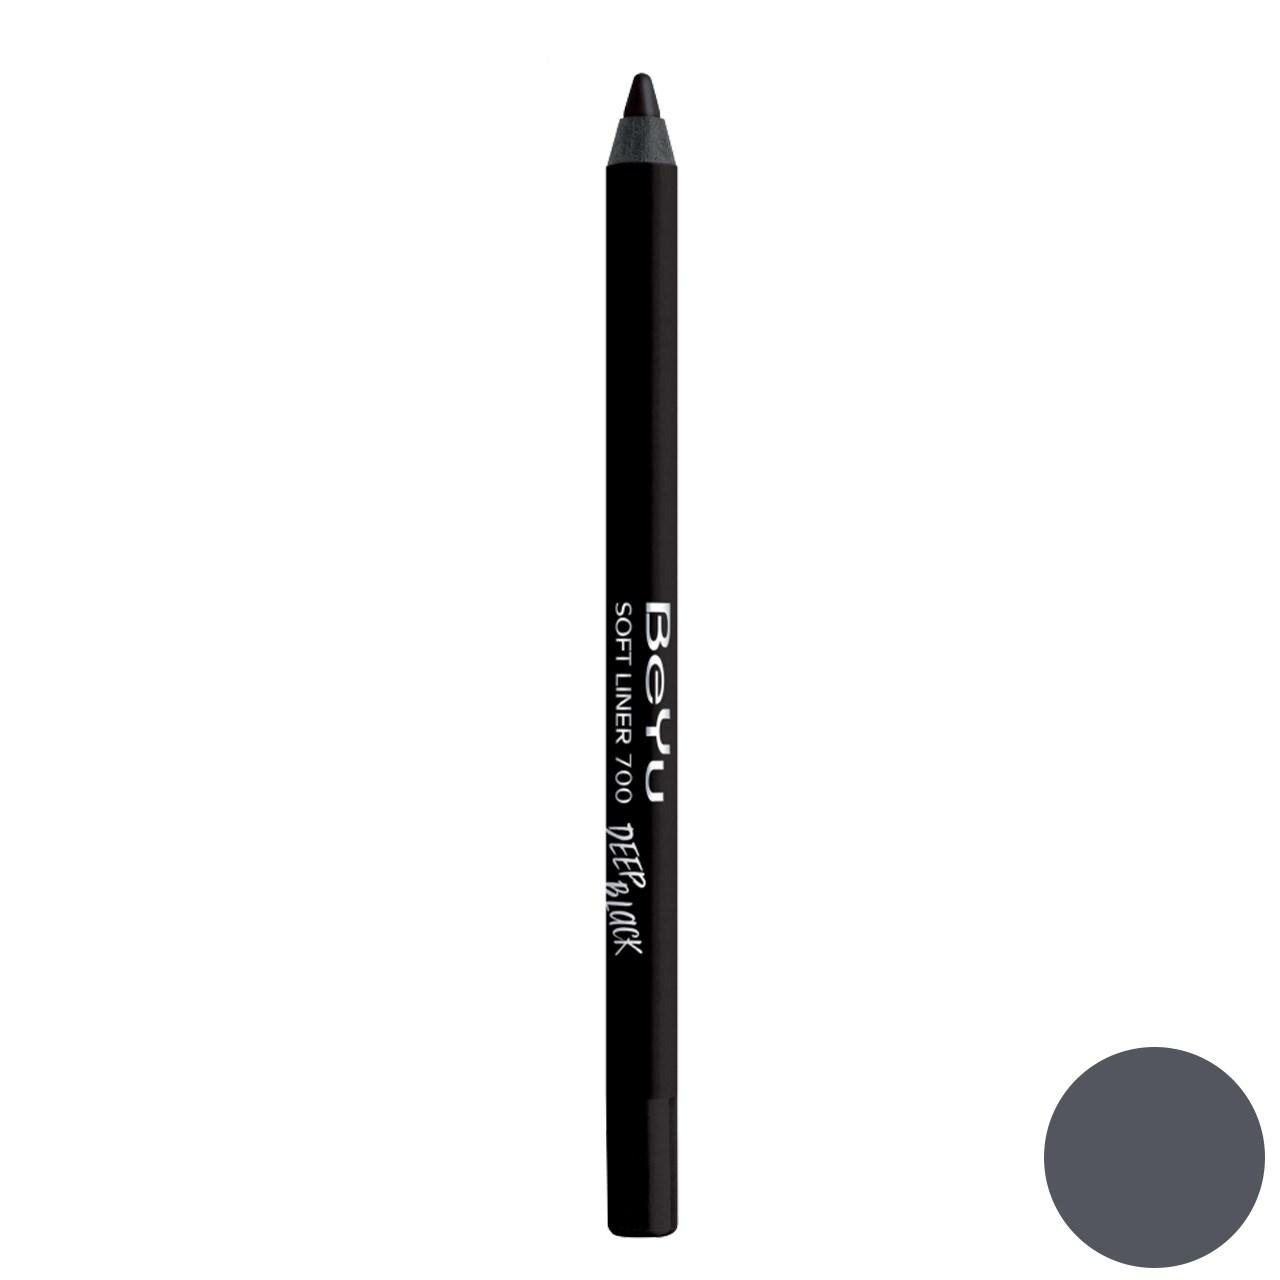 مداد چشم بی یو سری Soft Liner مدل Deep Black شماره 700 -  - 1